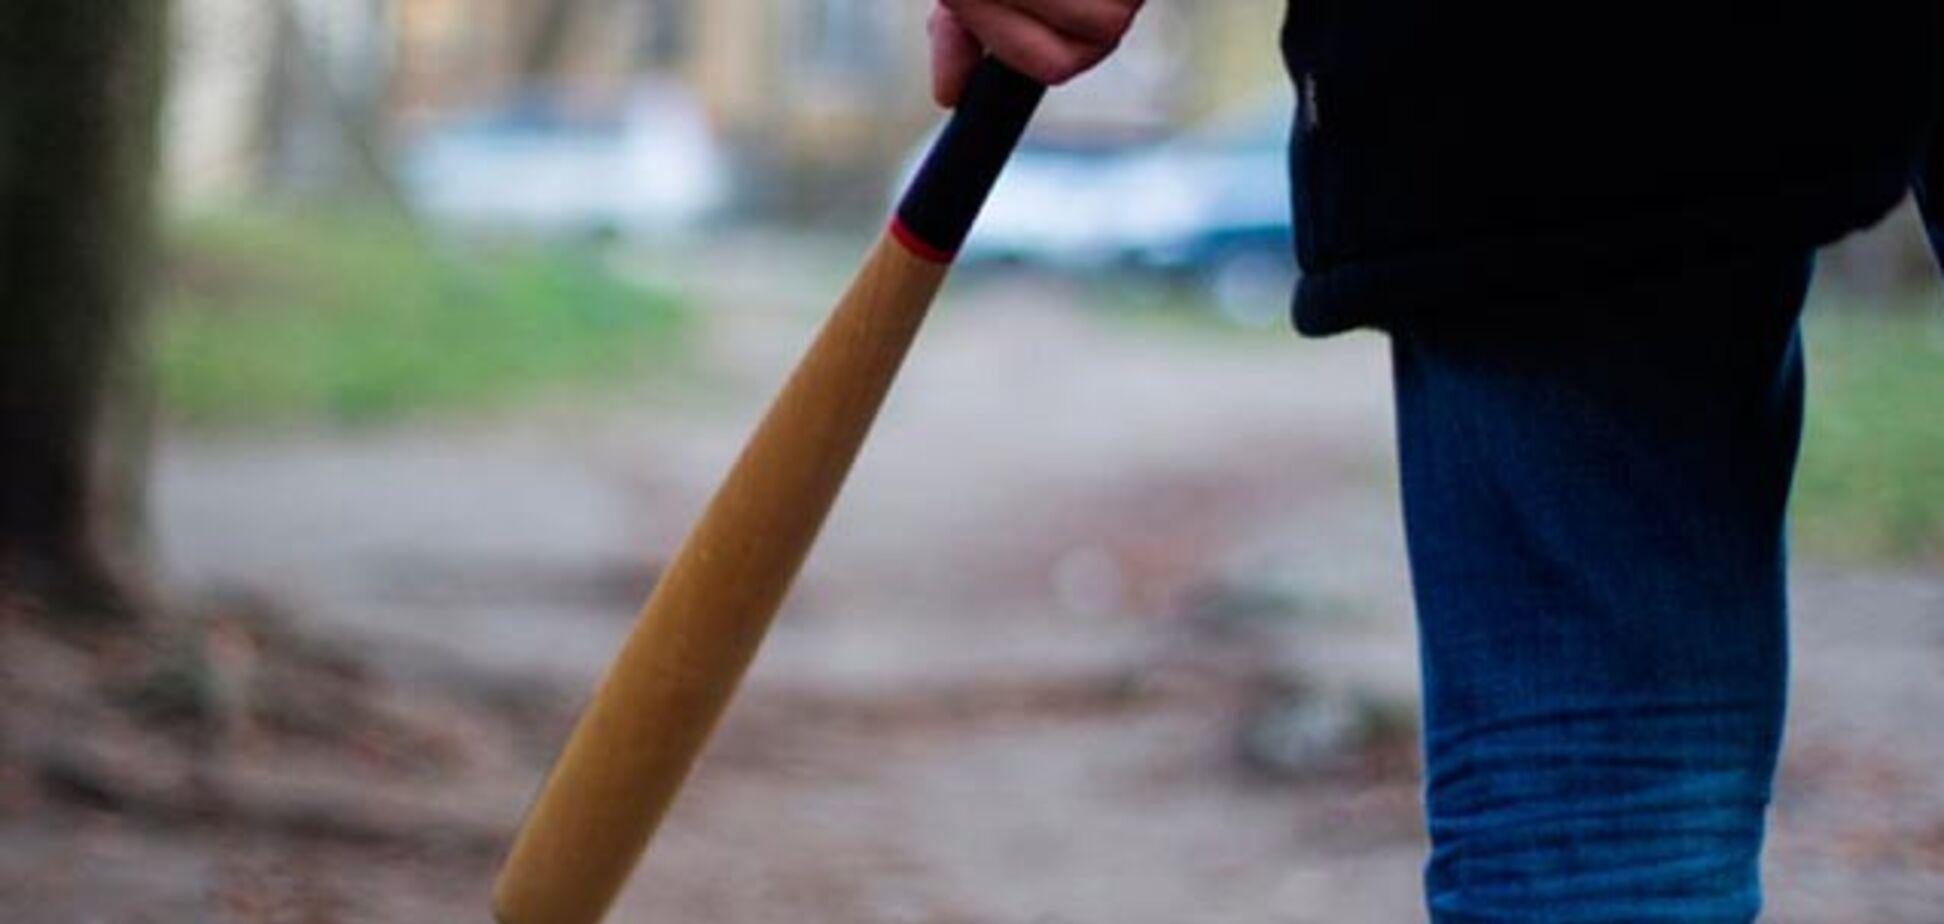 На Дніпропетровщині бандити викрали чоловіка і вимагали у нього гроші: подробиці